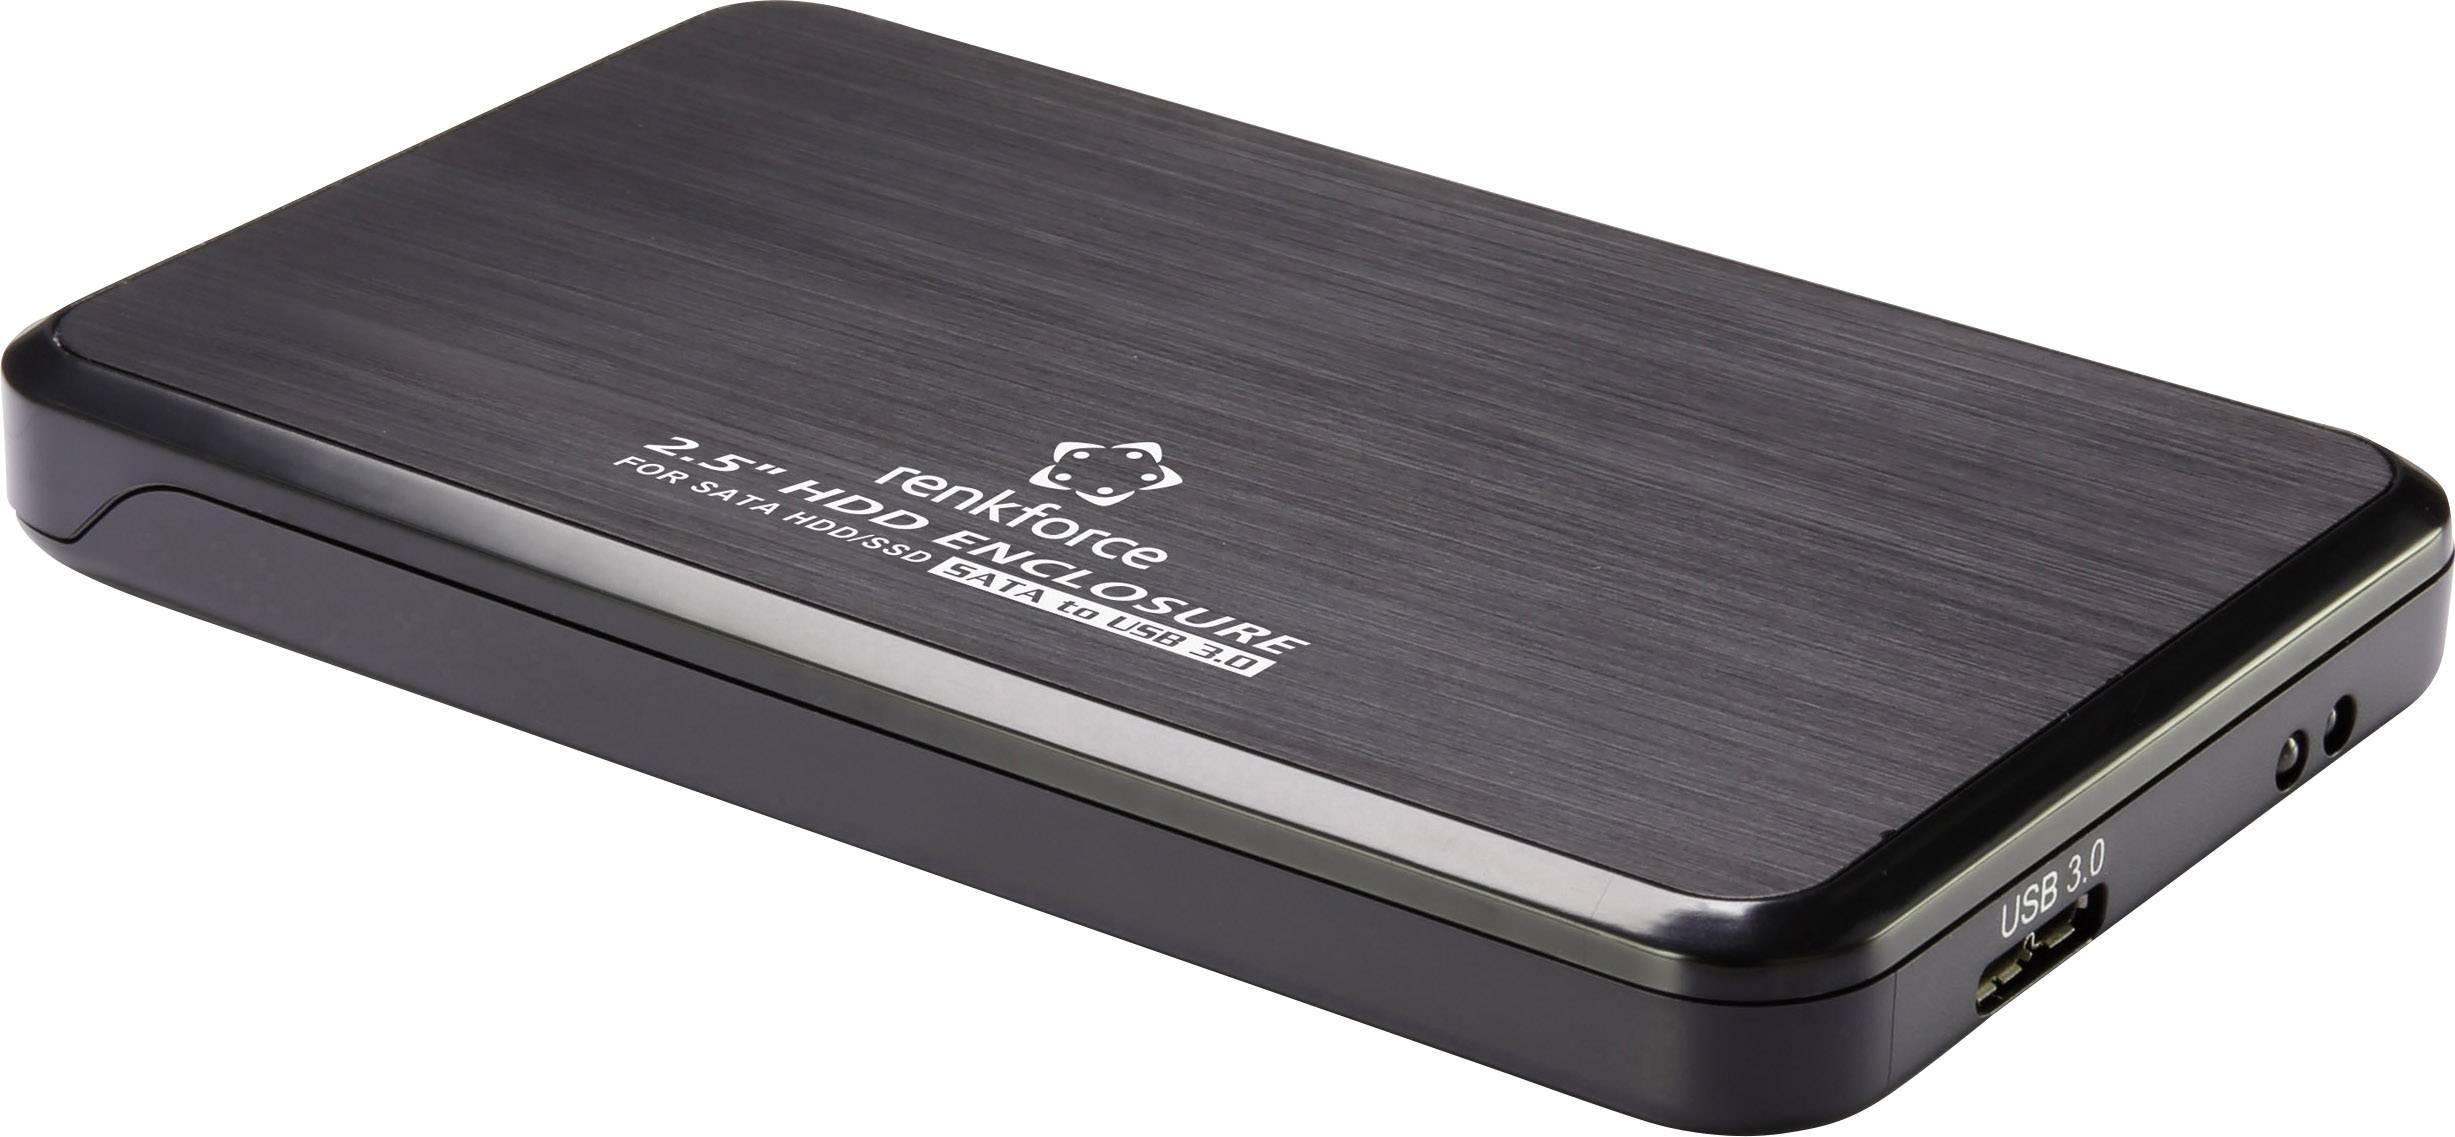 """Puzdro na pevný disk SATA 2.5 """" Renkforce RF-4271220, USB 3.0, čierna"""